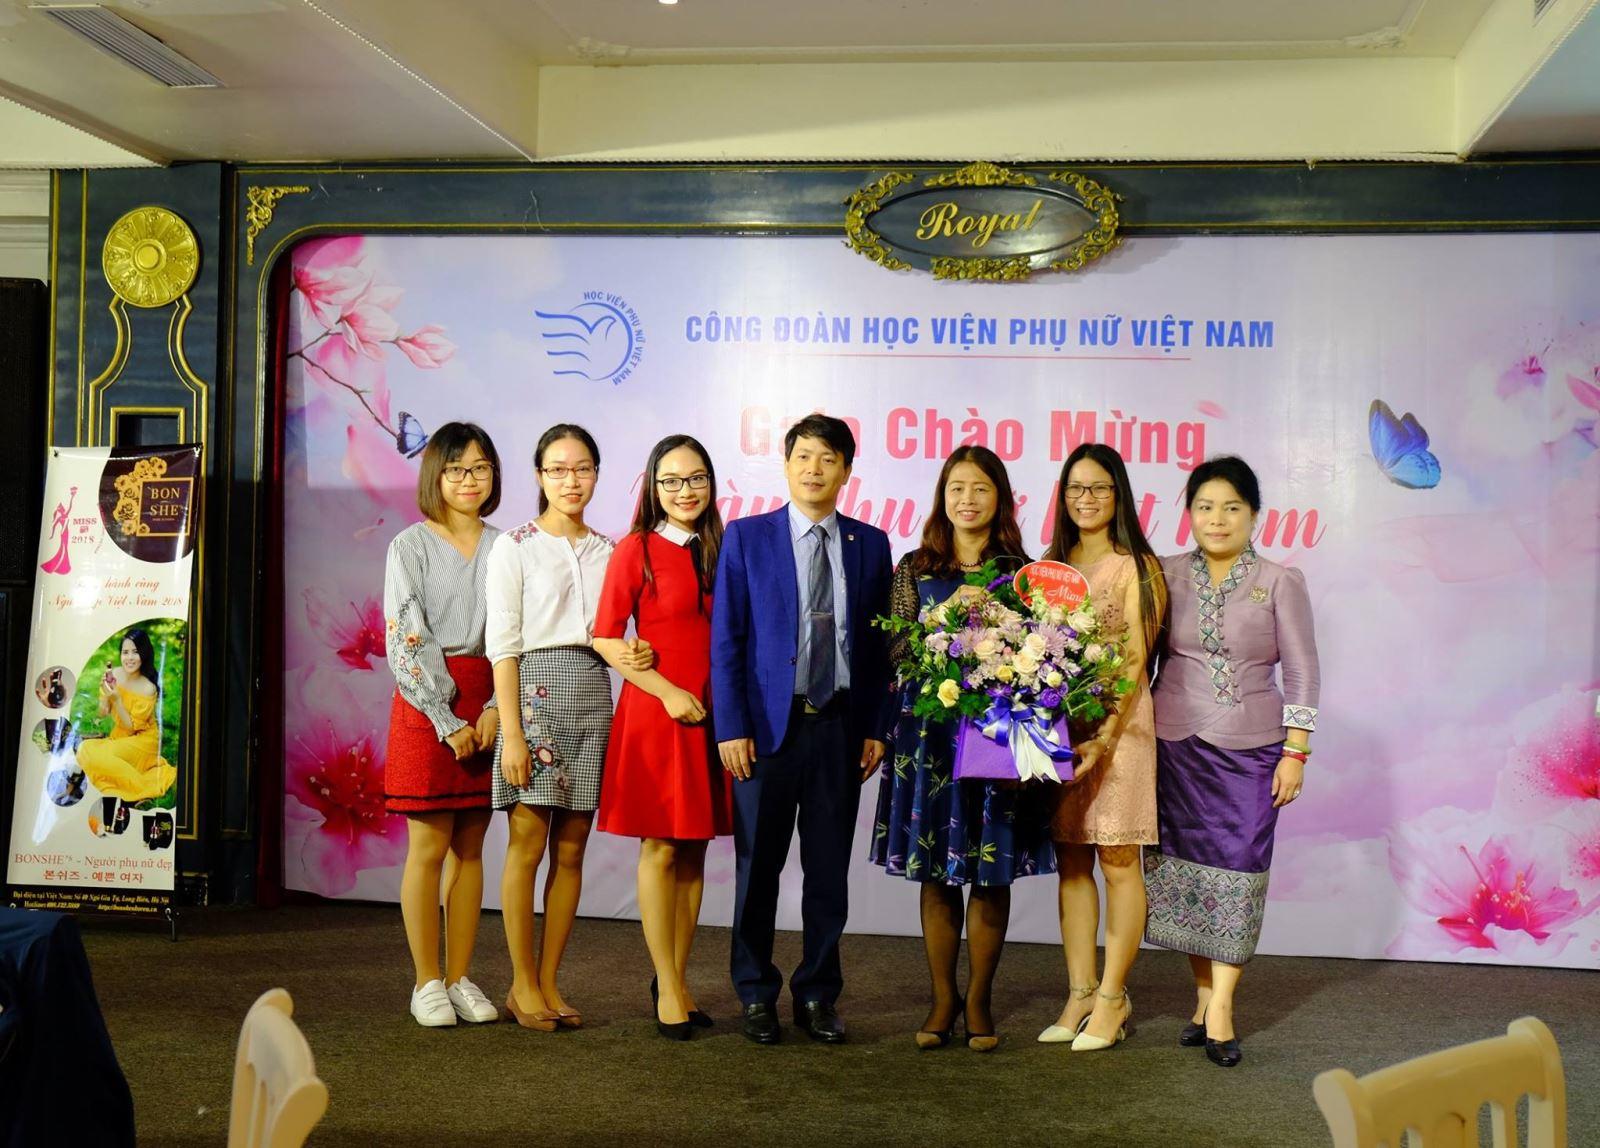 Học viện Phụ nữ Việt Nam tổ chức giao lưu chúc mừng ngày Phụ nữ Việt Nam 20/10